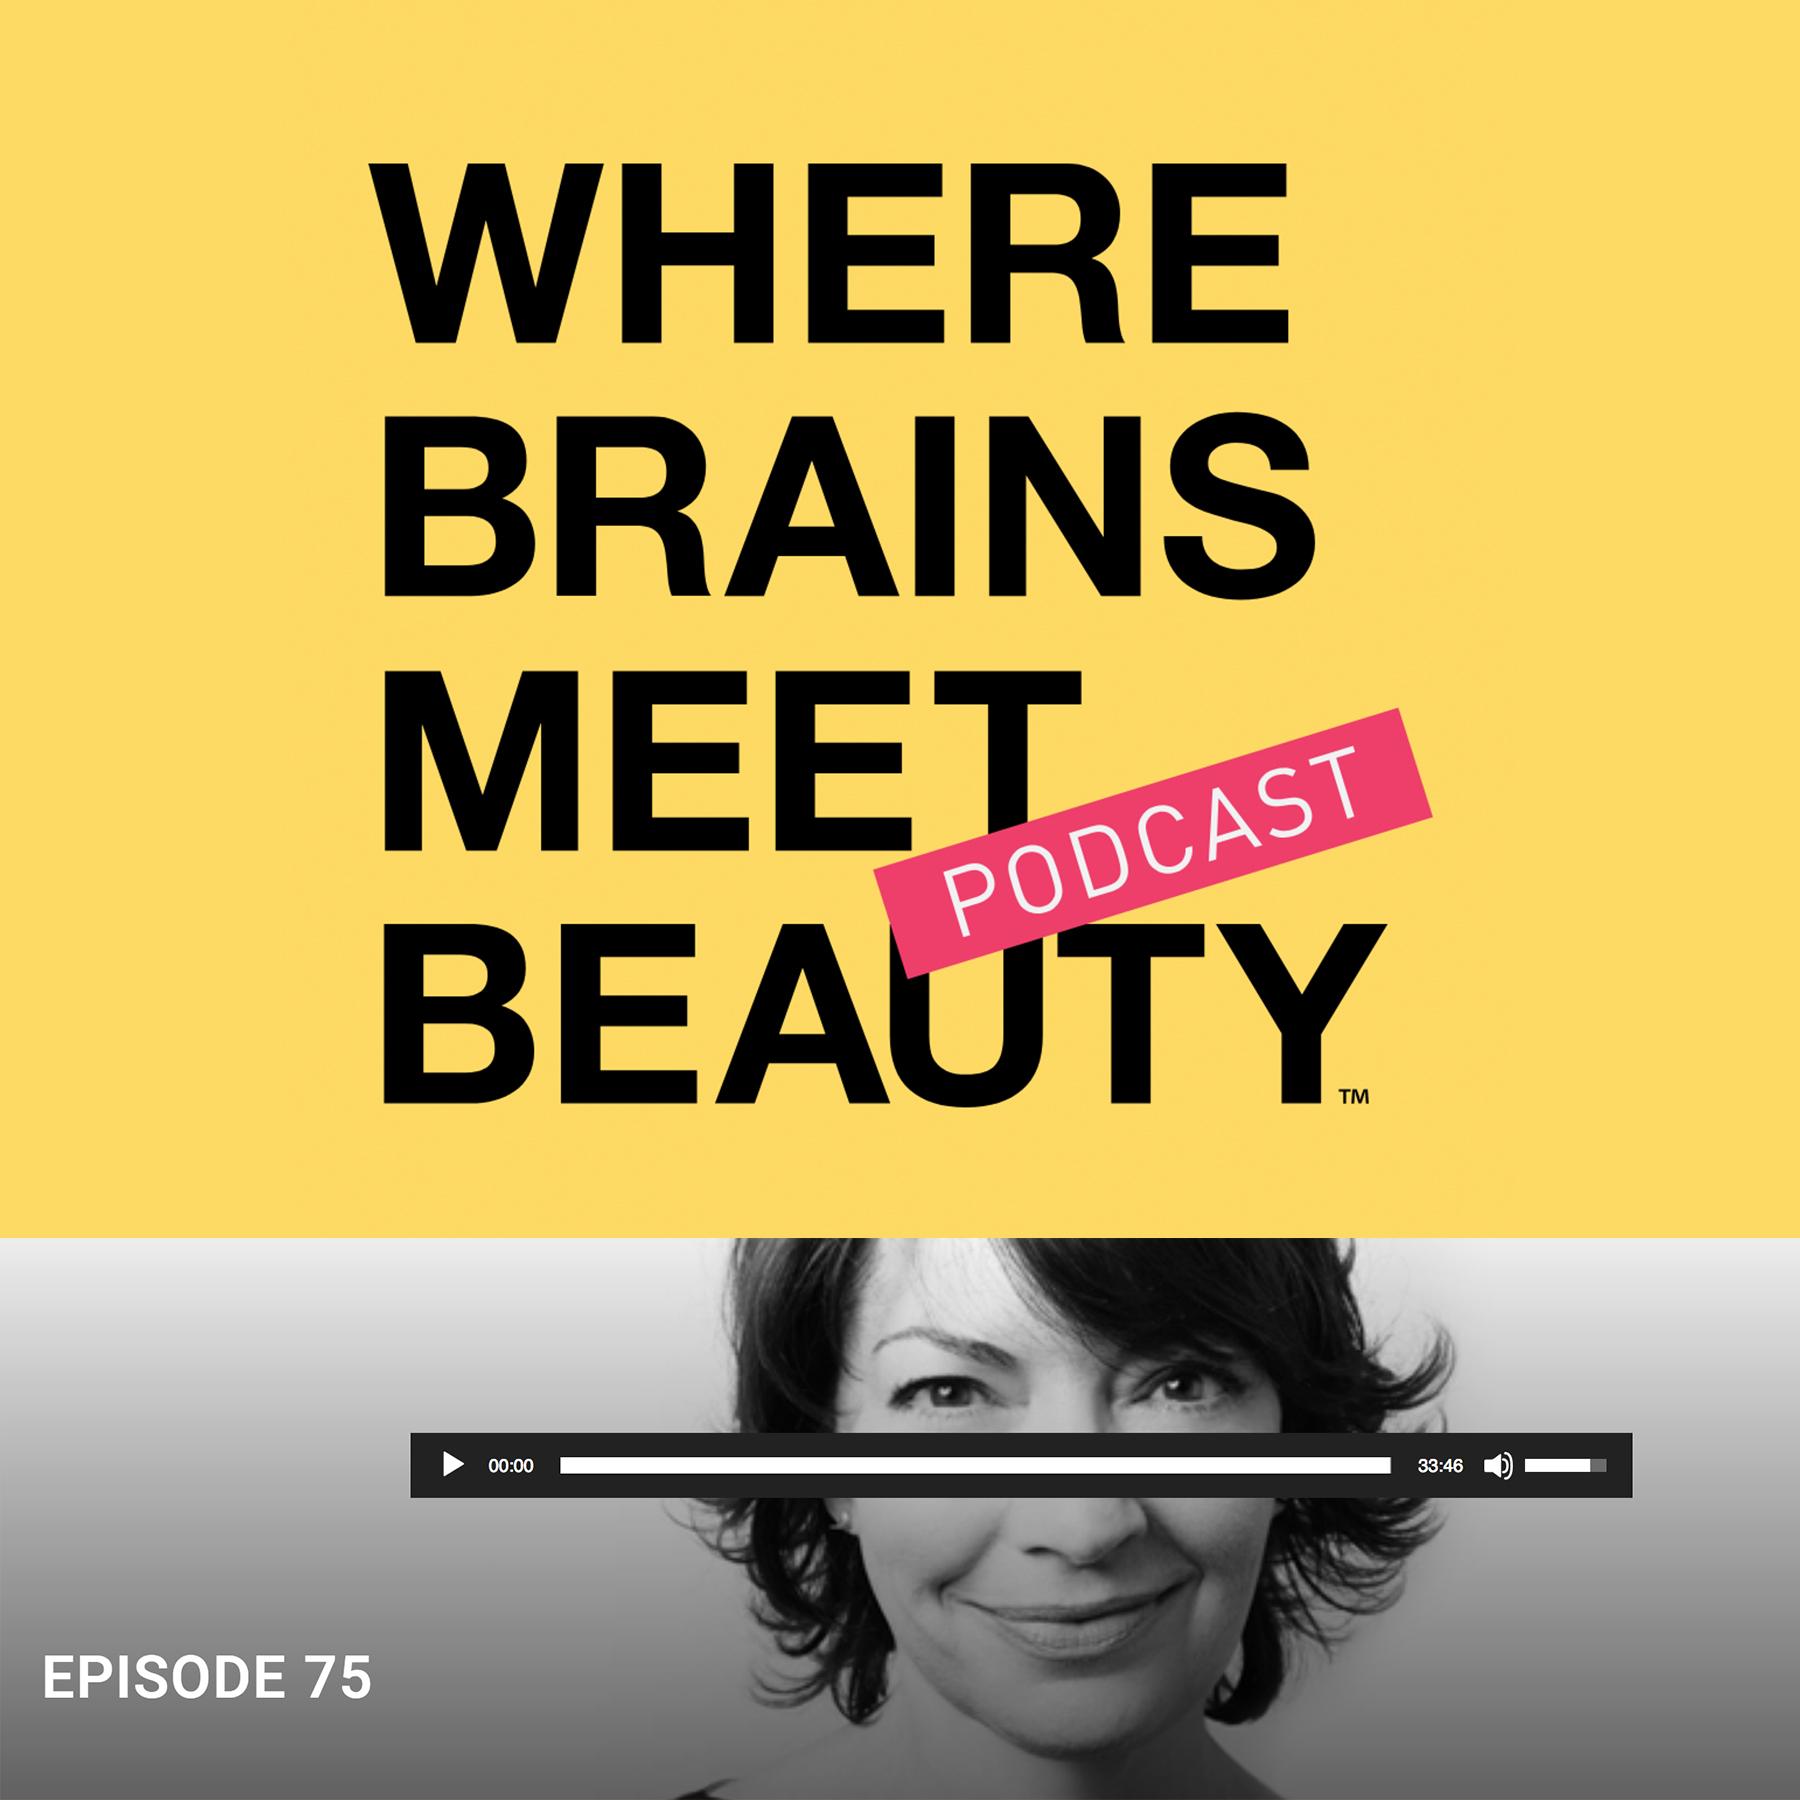 Where Brains Meet Beauty (Episode 75)